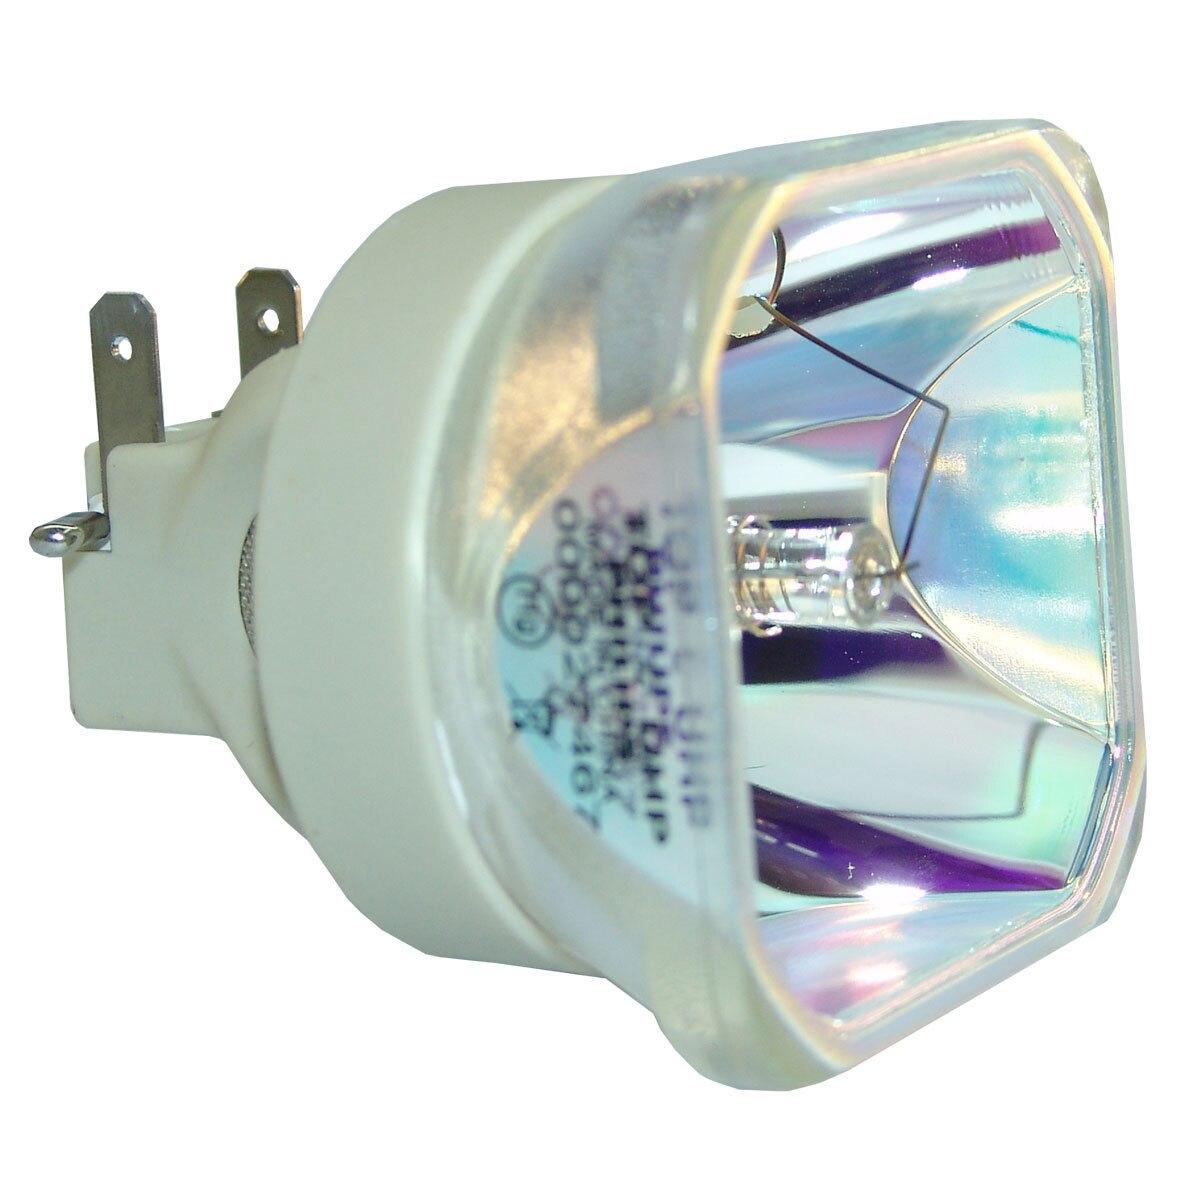 Compatible Bulb ET-LAV100 ETLAV100 for Panasonic PT-VX400 PT-VX400E PT-VX400EA PT-VW330  PT-VX400NT PT-VX41 Projector Lamp Bulb pt ae1000 pt ae2000 pt ae3000 projector lamp bulb et lae1000 for panasonic high quality totally new